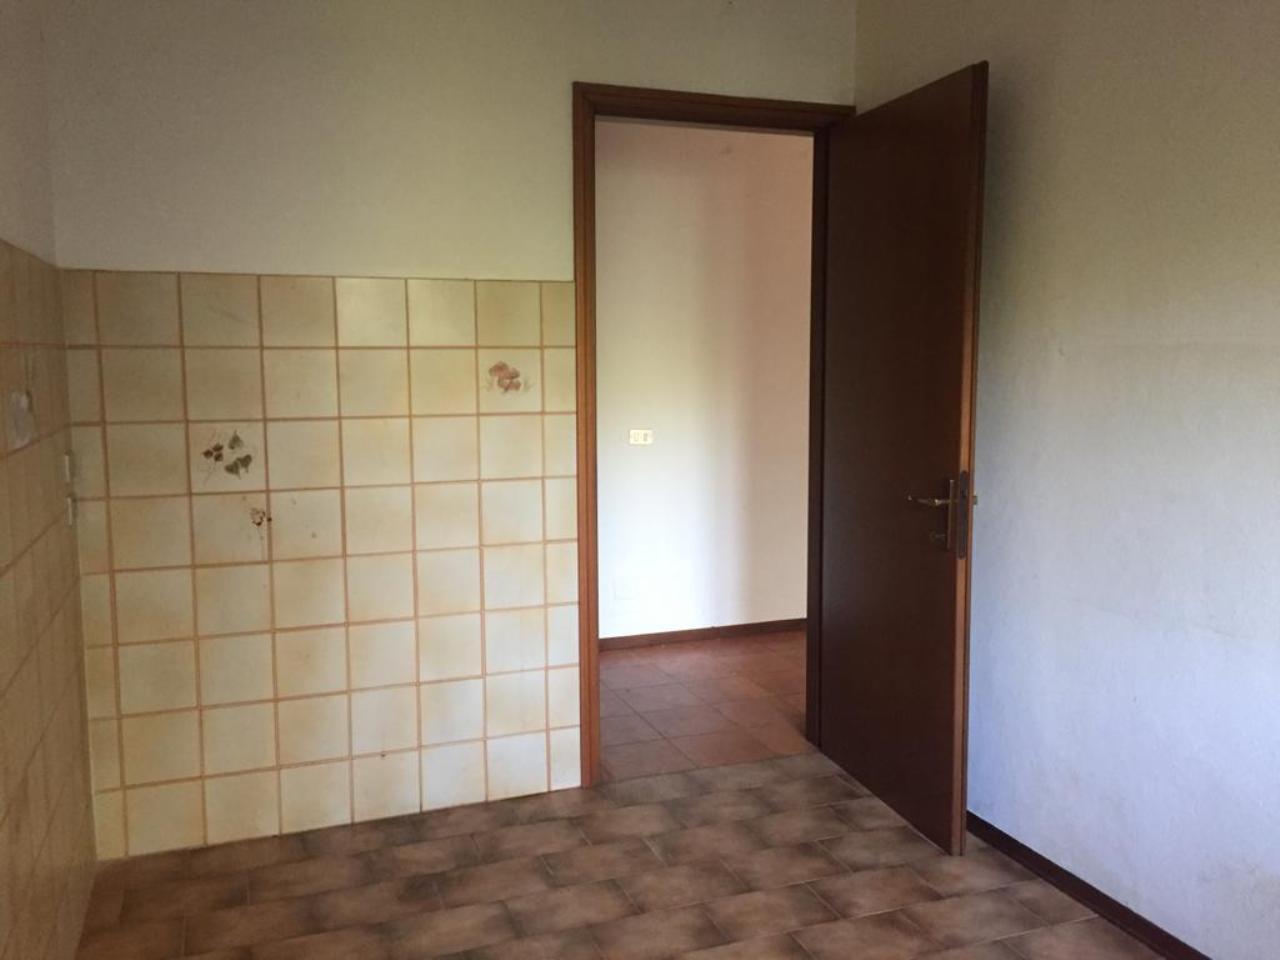 Appartamento SOSPIRO €300,00